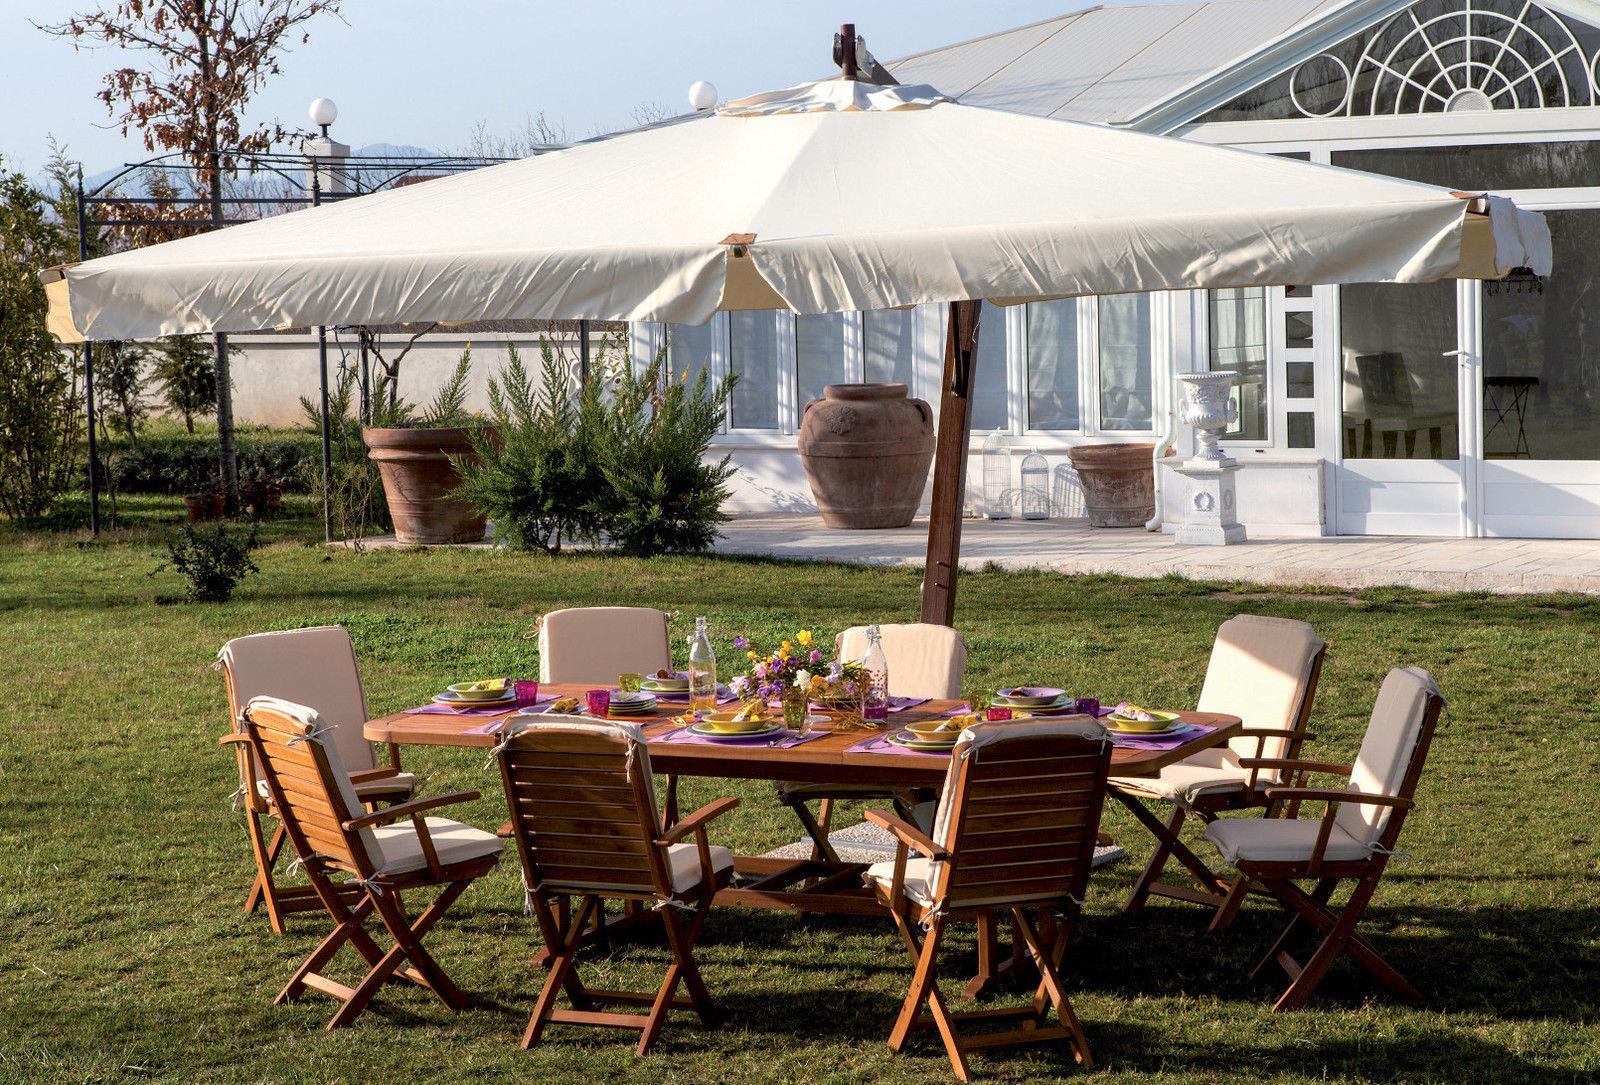 Ombrellone decentrato aster lusso pratiko store for Arredo terrazza giardino offerte